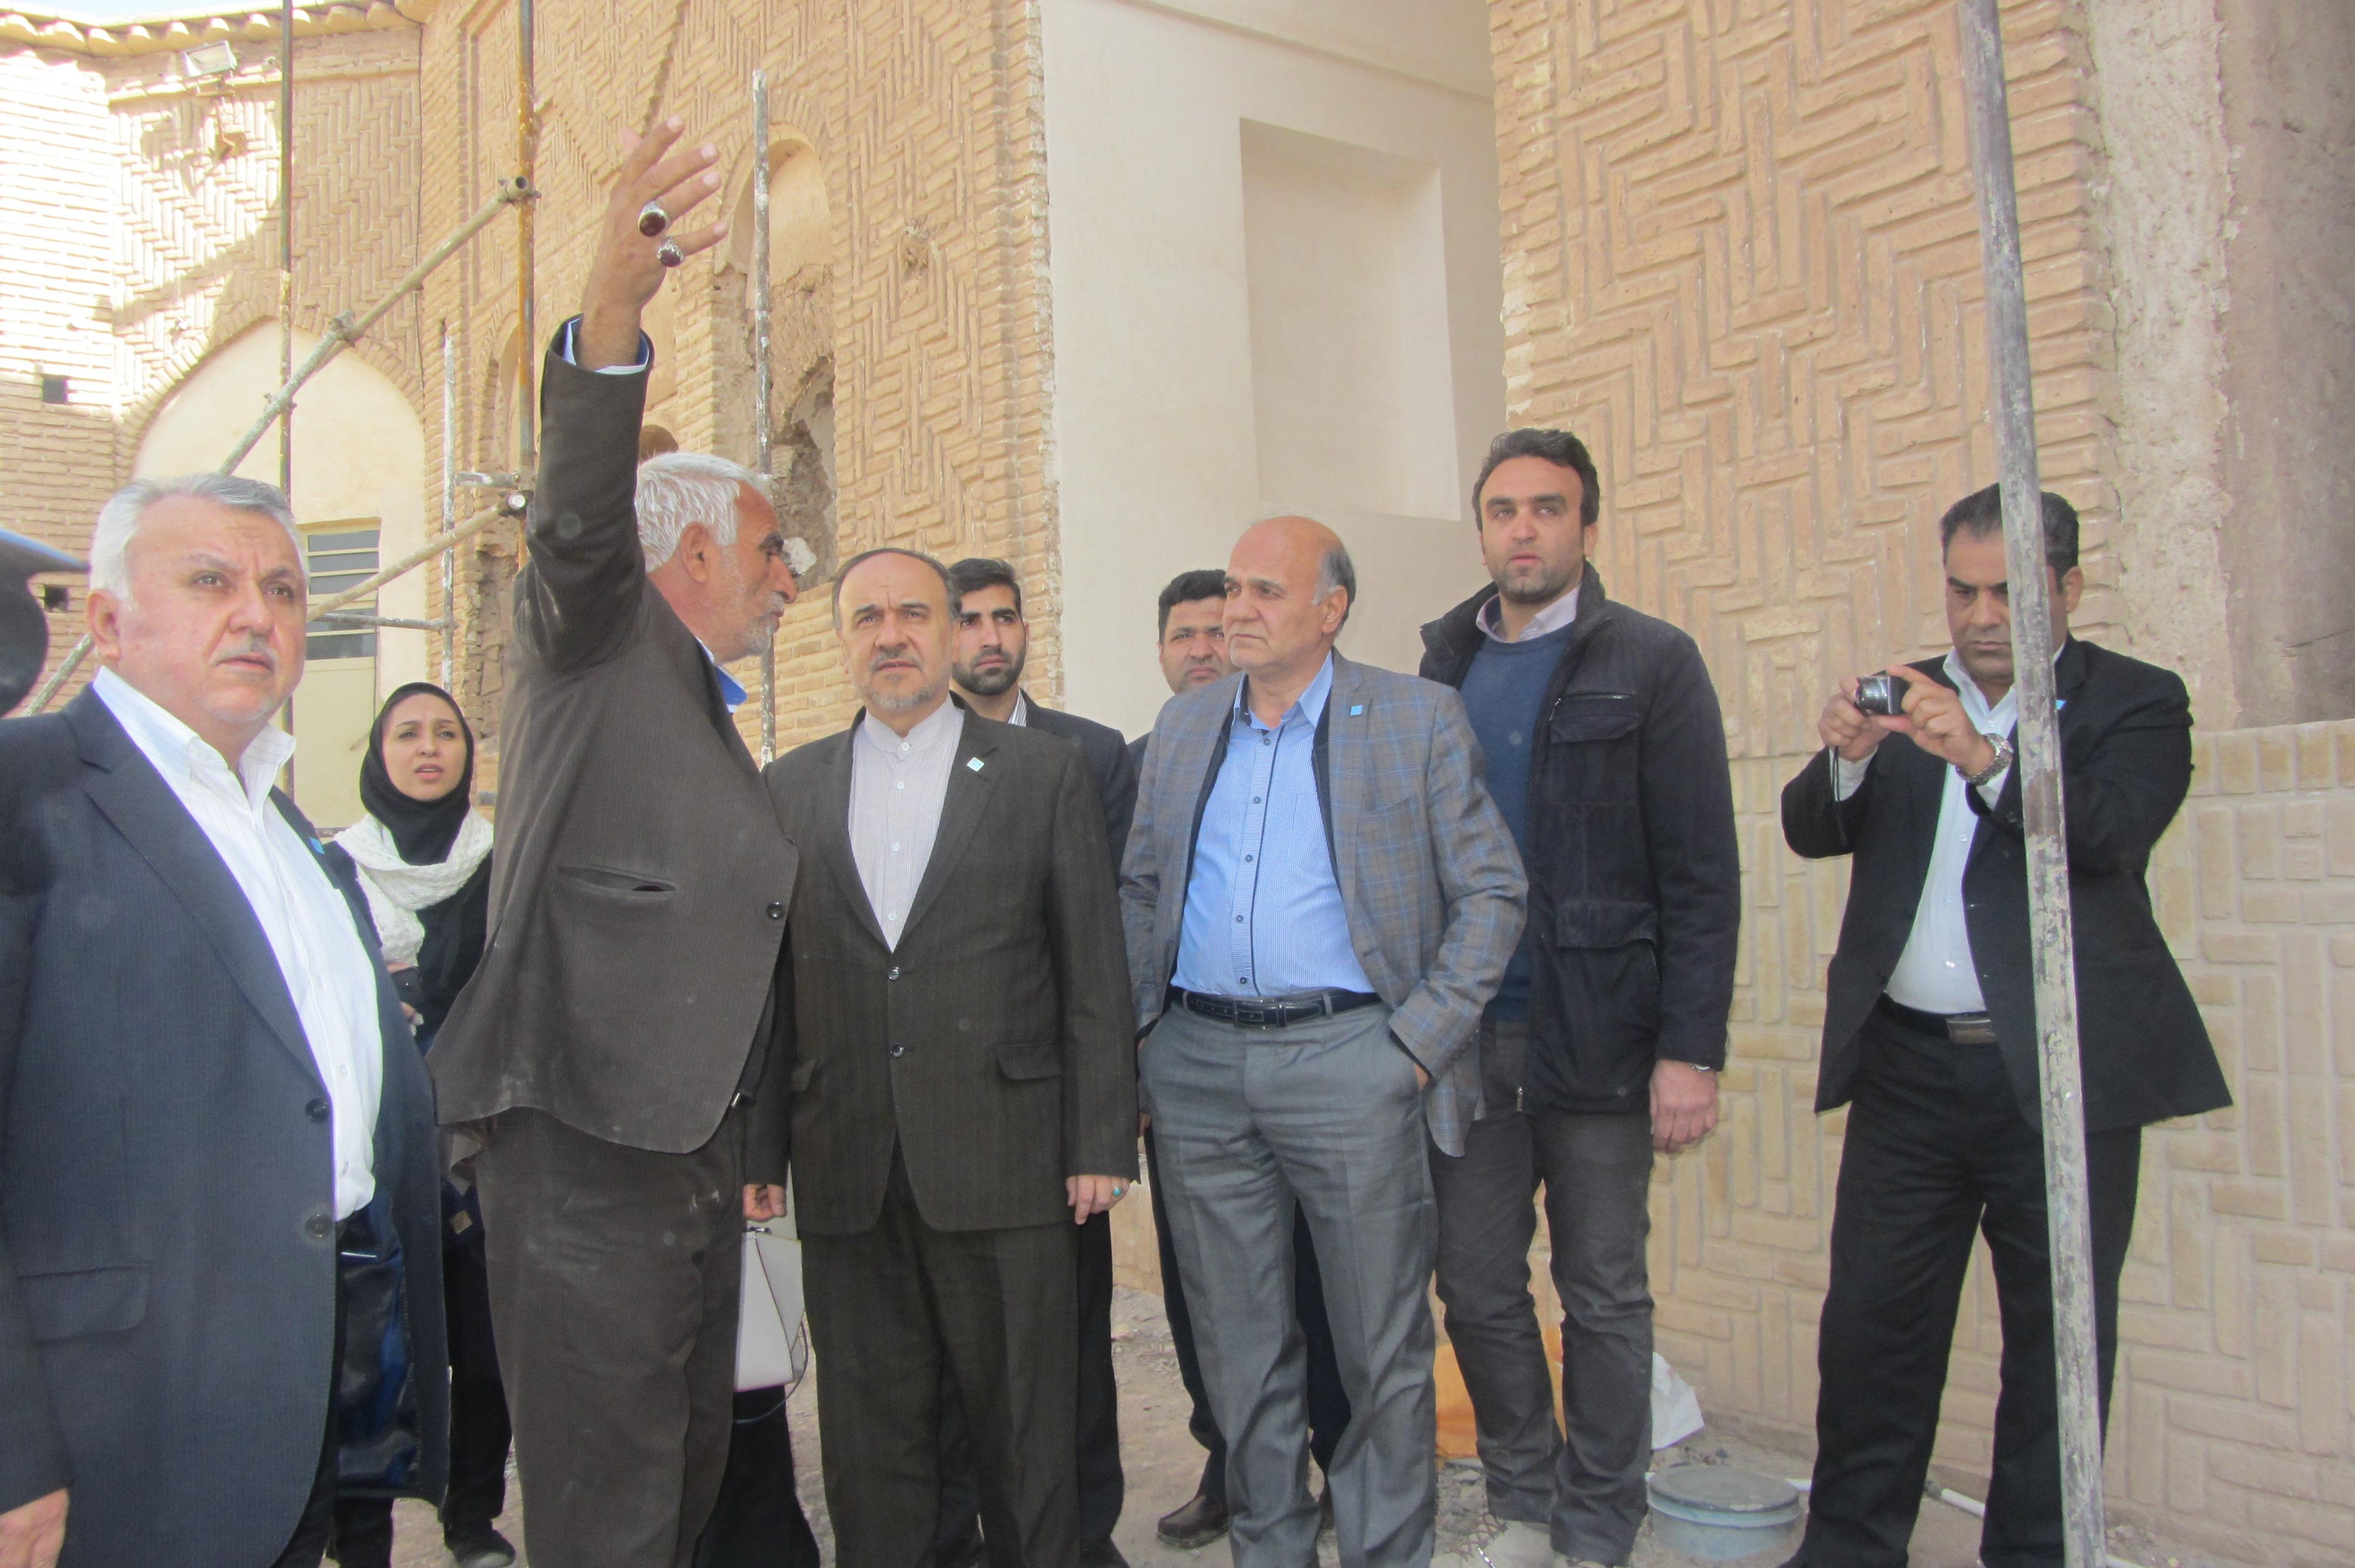 رئیس سازمان میراث فرهنگی از خانه خشتی بازدید کرد / عکس